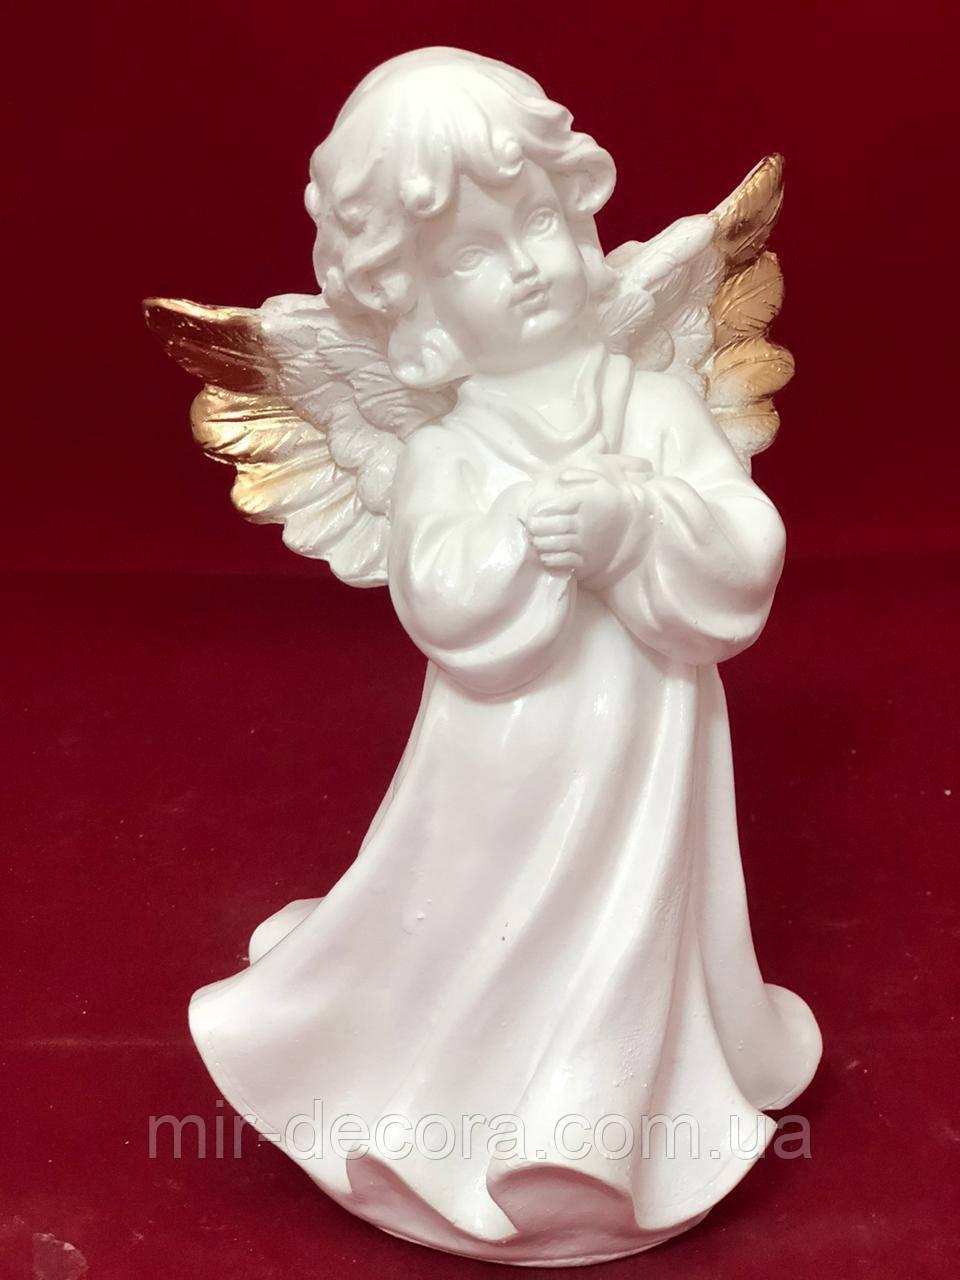 Статуэтка гипсовая фигурка Ангел, золото, 22 см